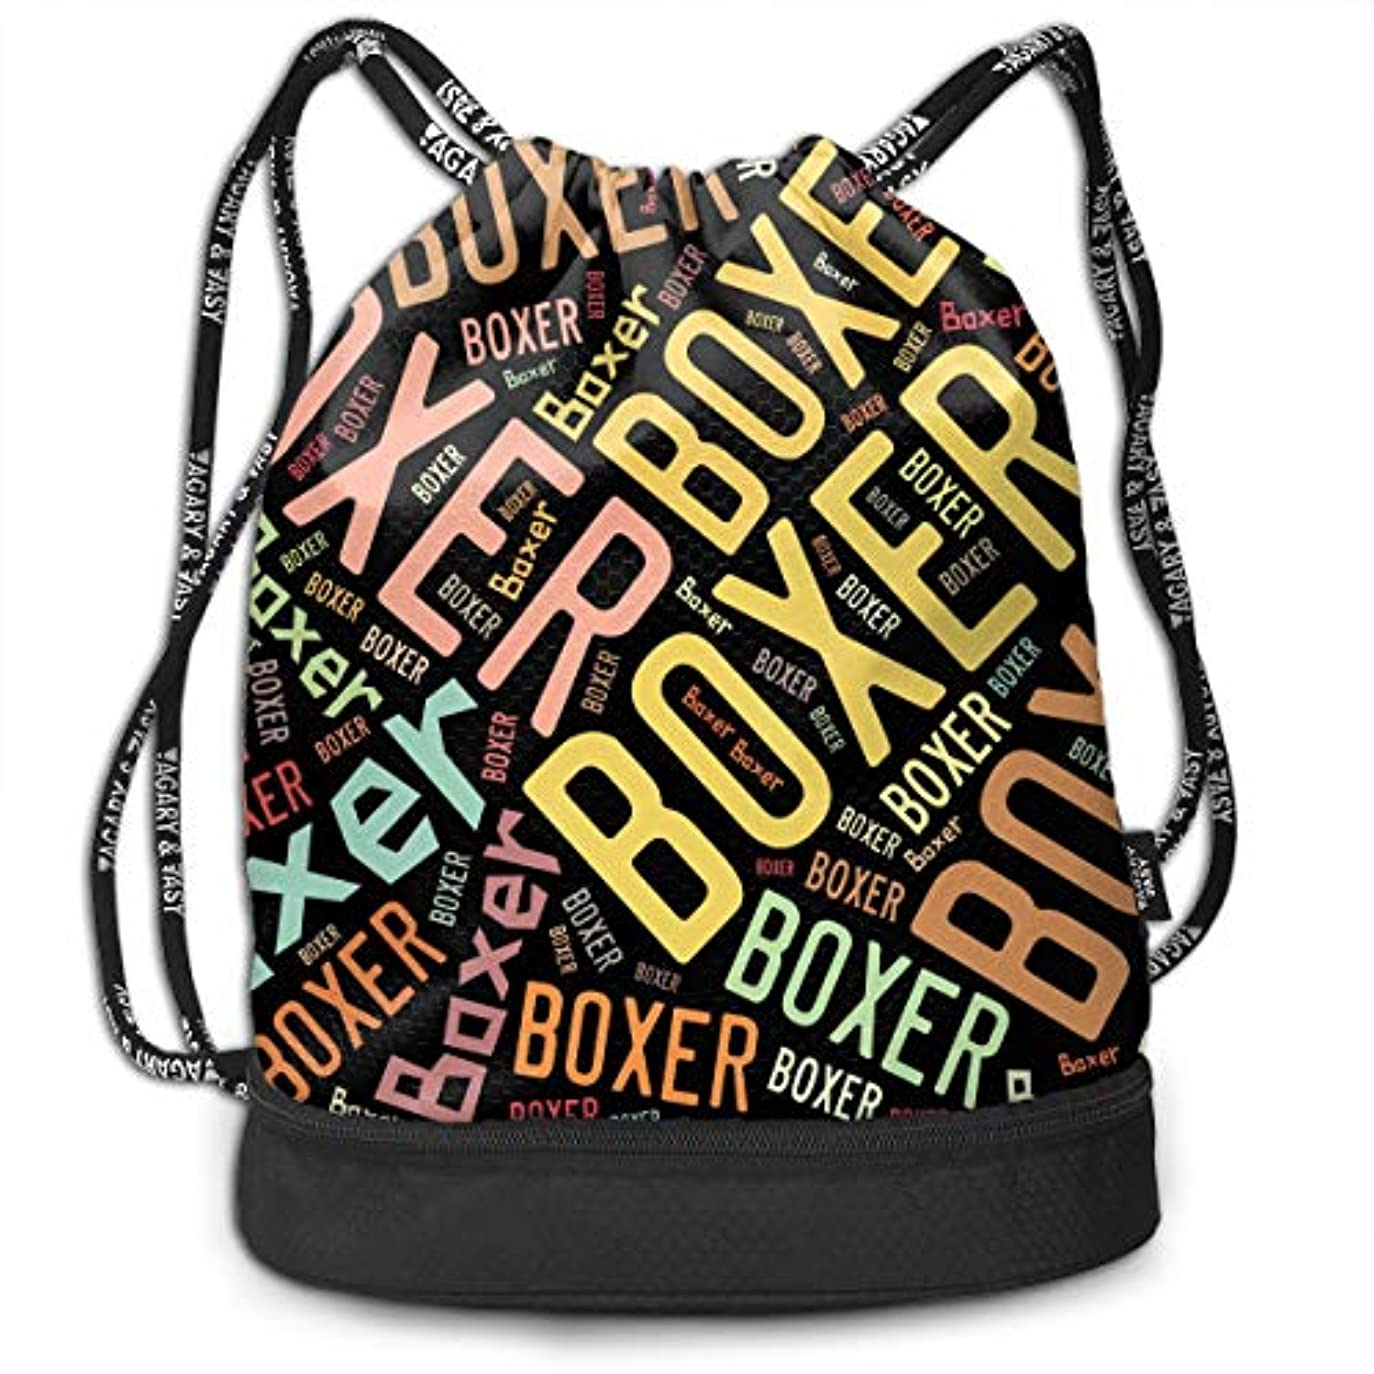 音声スチールマージンジムサック Boxer ボクサー ナップサック 巾着袋 バックパック 超軽量 バッグ 男女兼用 大容量 Black